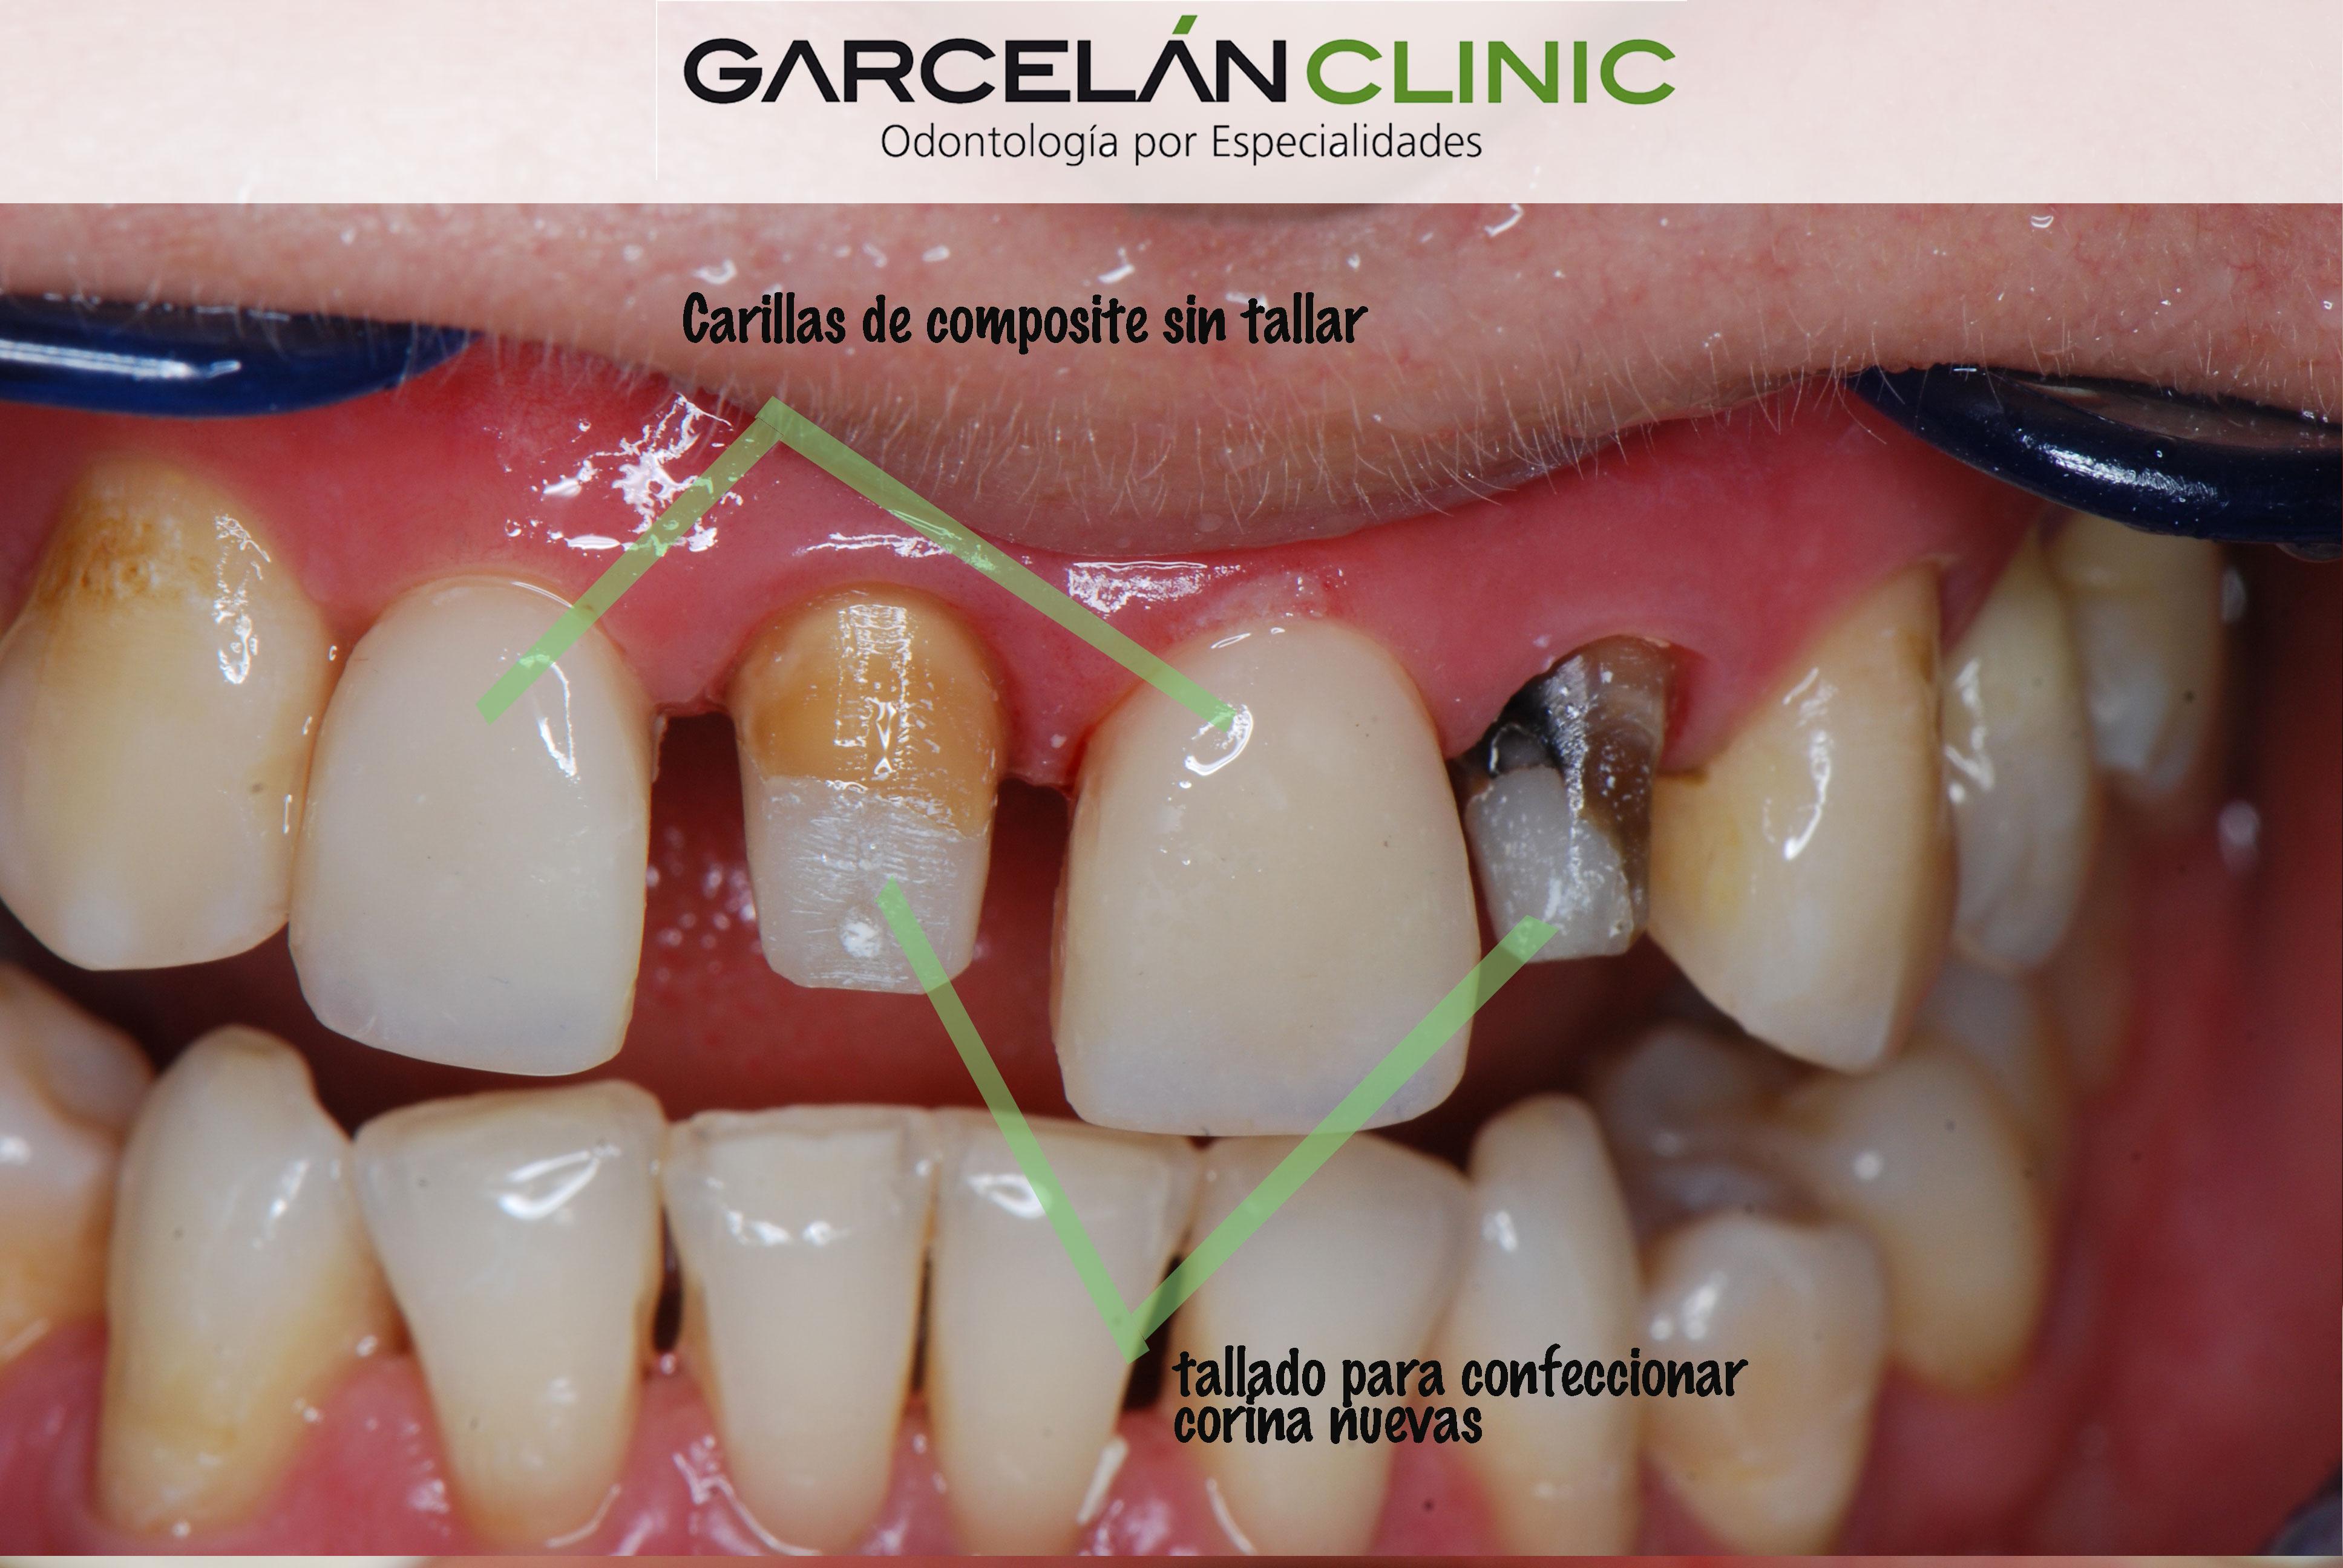 Carillas Dentales En Sevilla Carillas De Porcelana Carillas De Composite